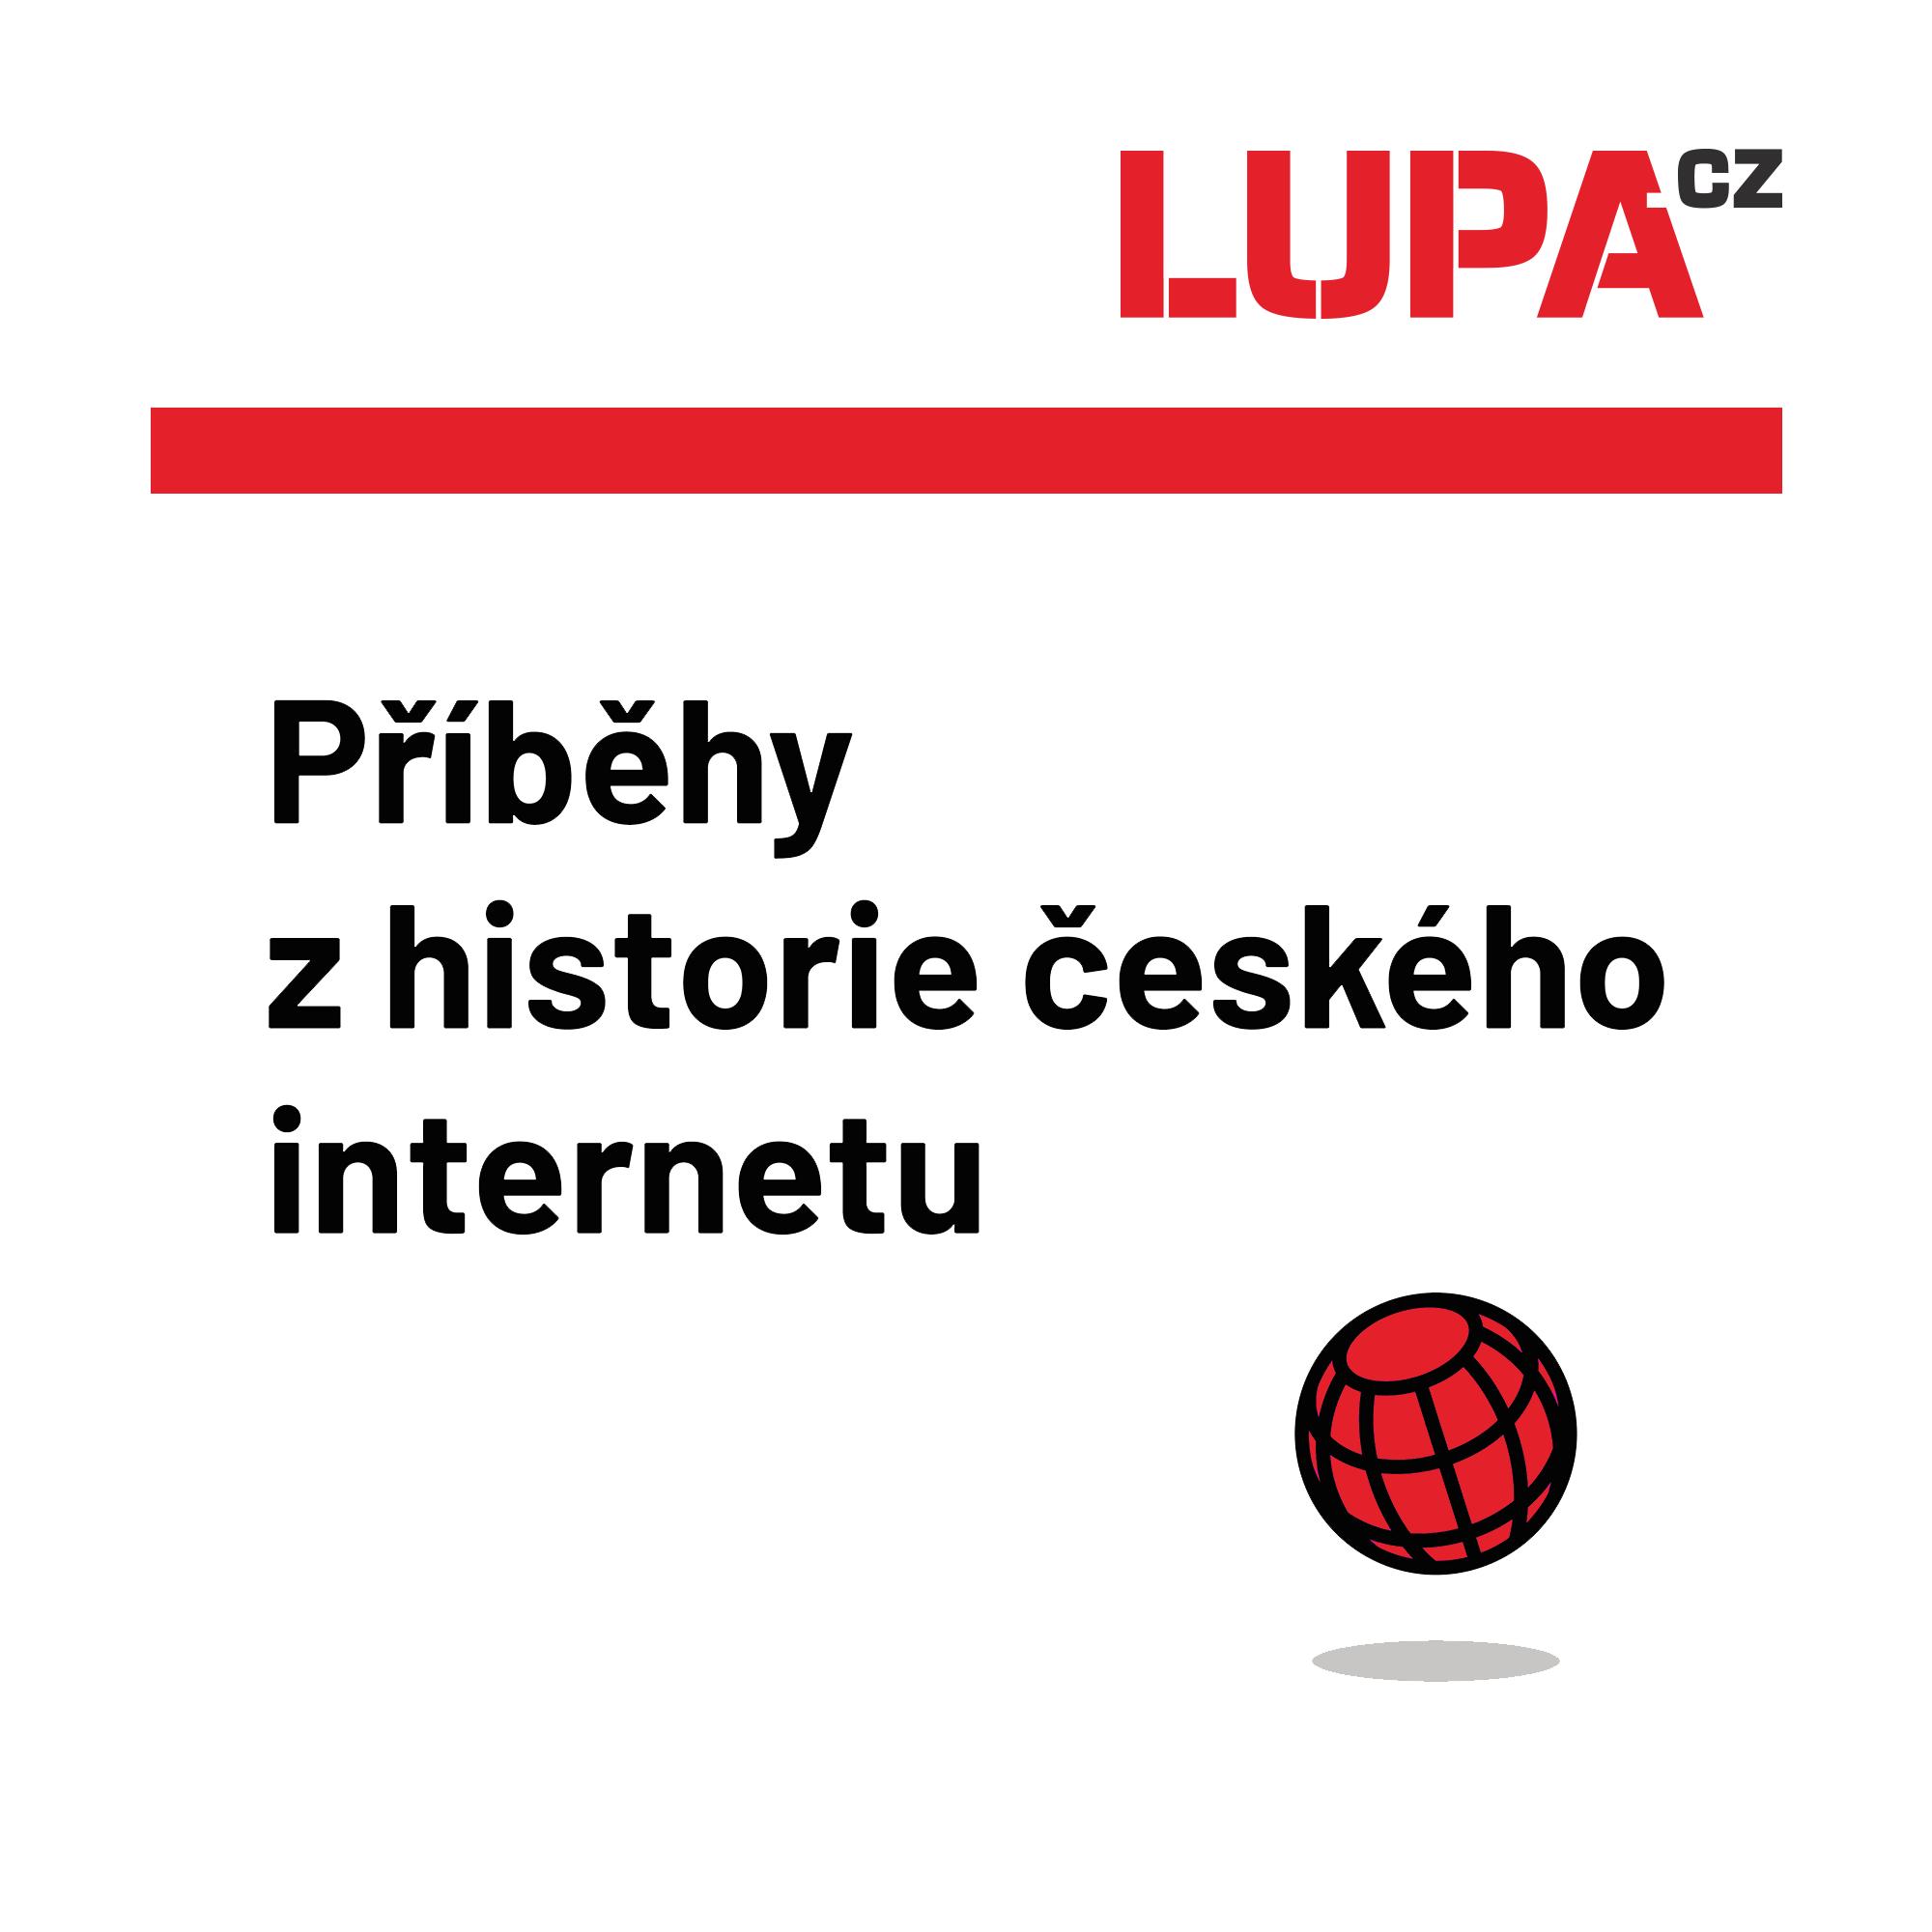 Příběhy zhistorie českého internetu: Od Svazarmu kmailování sNATO